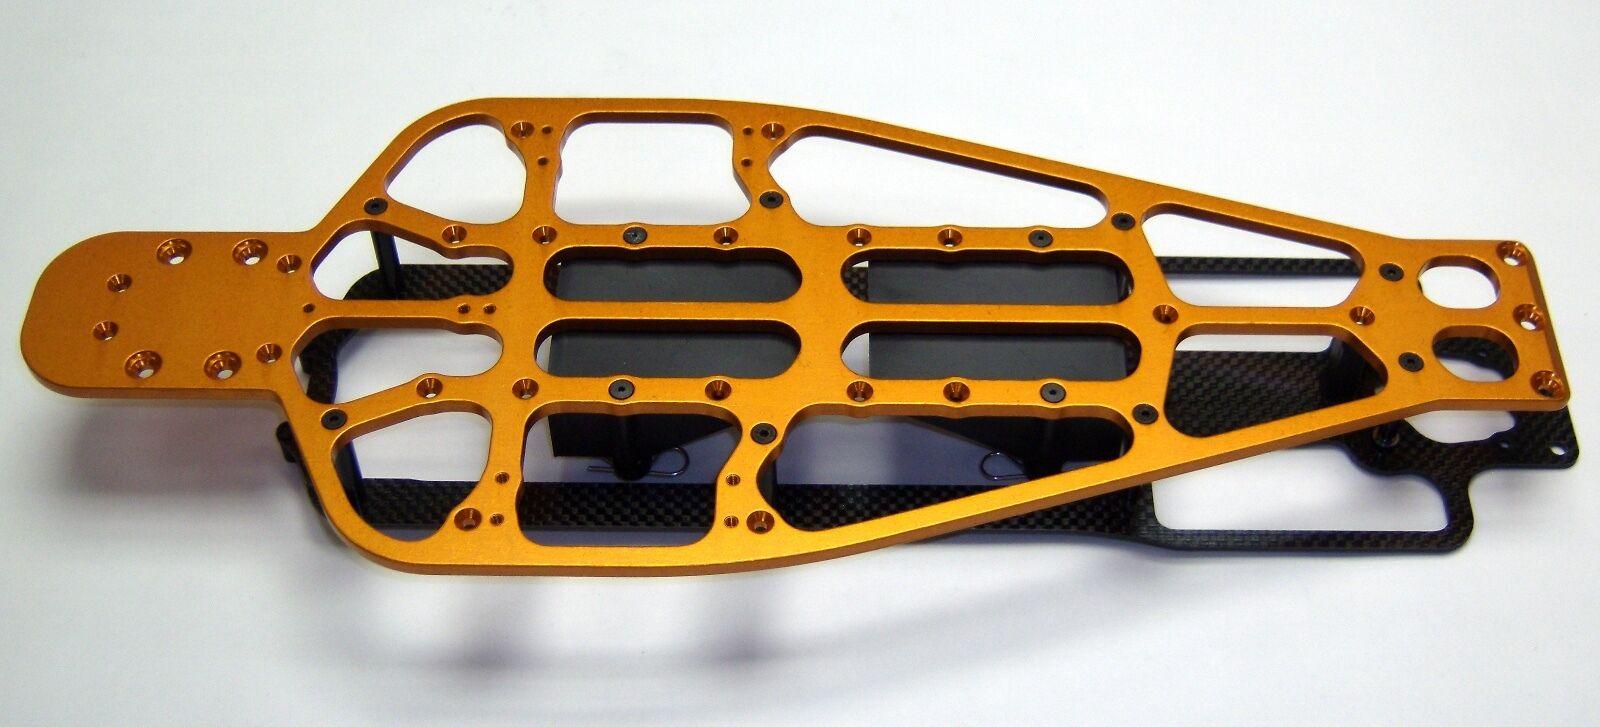 il più economico XTREME RACING TRAXXAS RUSTLER     SLASH LCG arancia ALUMINUM CHASSIS KIT 10619ALO  vendita con alto sconto